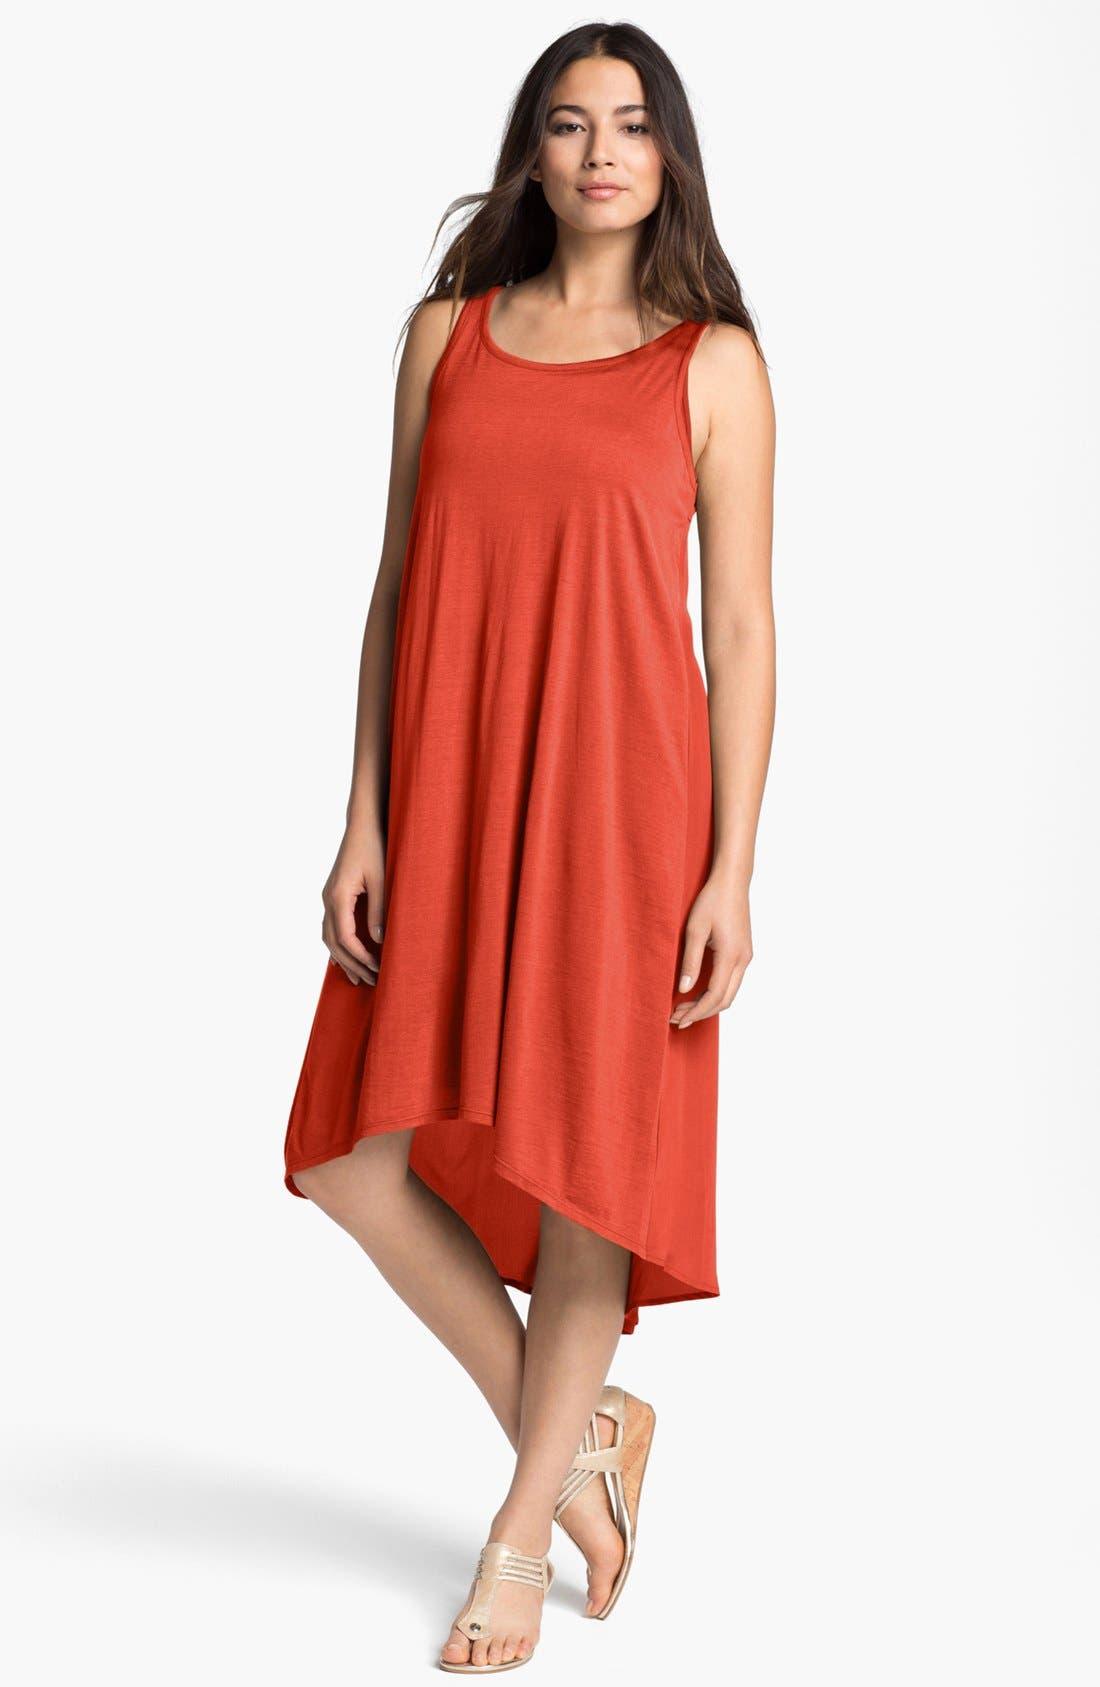 Alternate Image 1 Selected - Eileen Fisher Flared Dress & Sandal